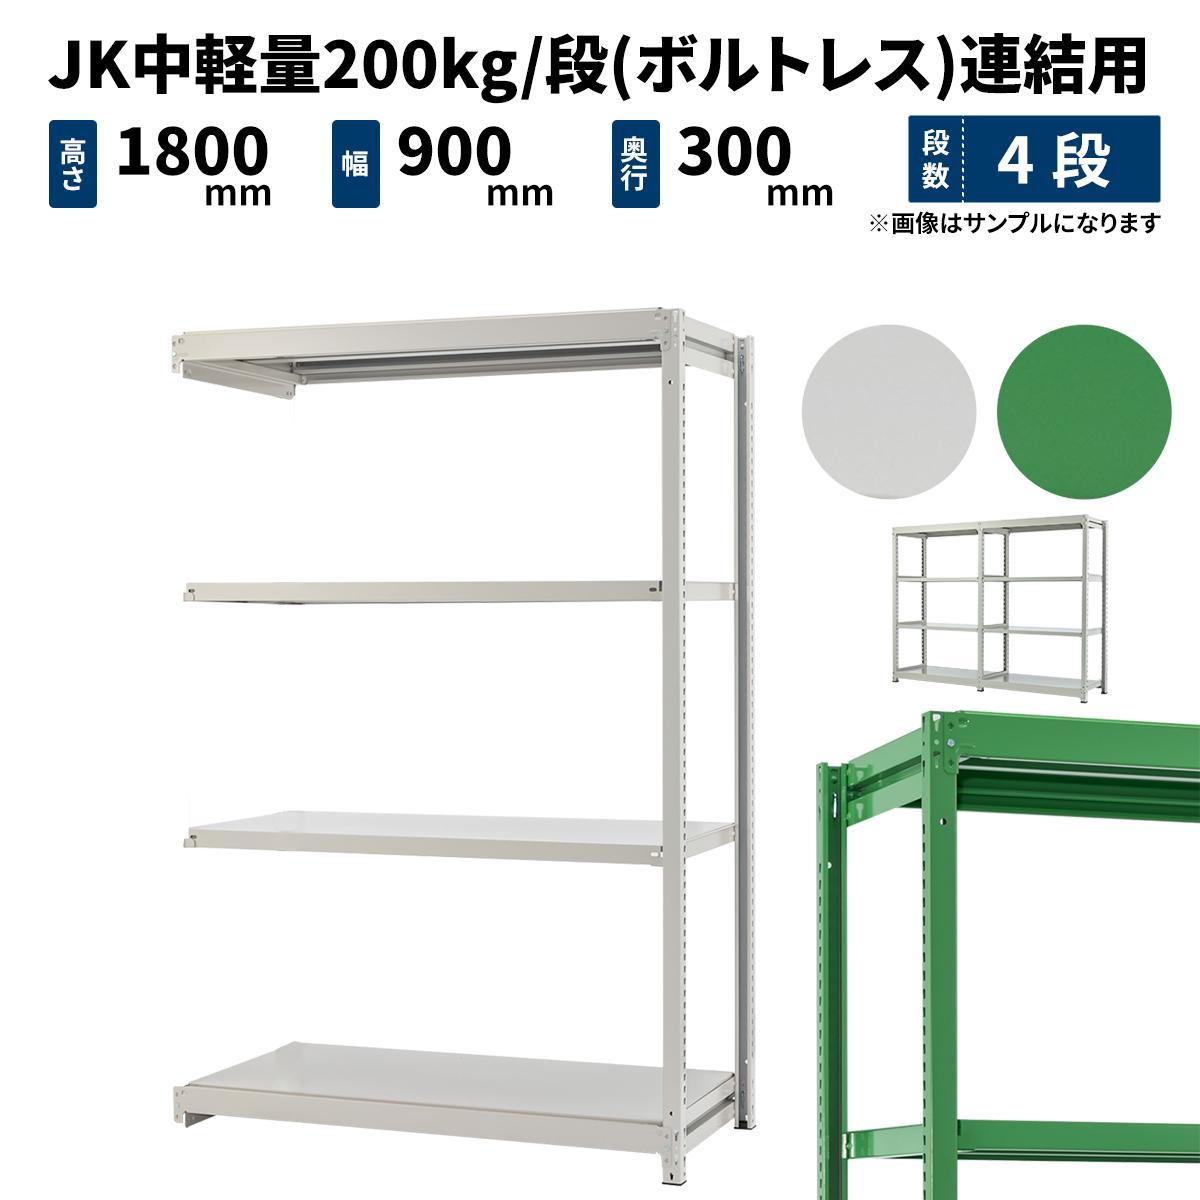 スチールラック 業務用 JK中軽量200kg/段(ボルトレス) 連結形式 高さ1800×幅900×奥行300mm 4段 ホワイトグレー/グリーン (29kg) JK200_R-180903-4